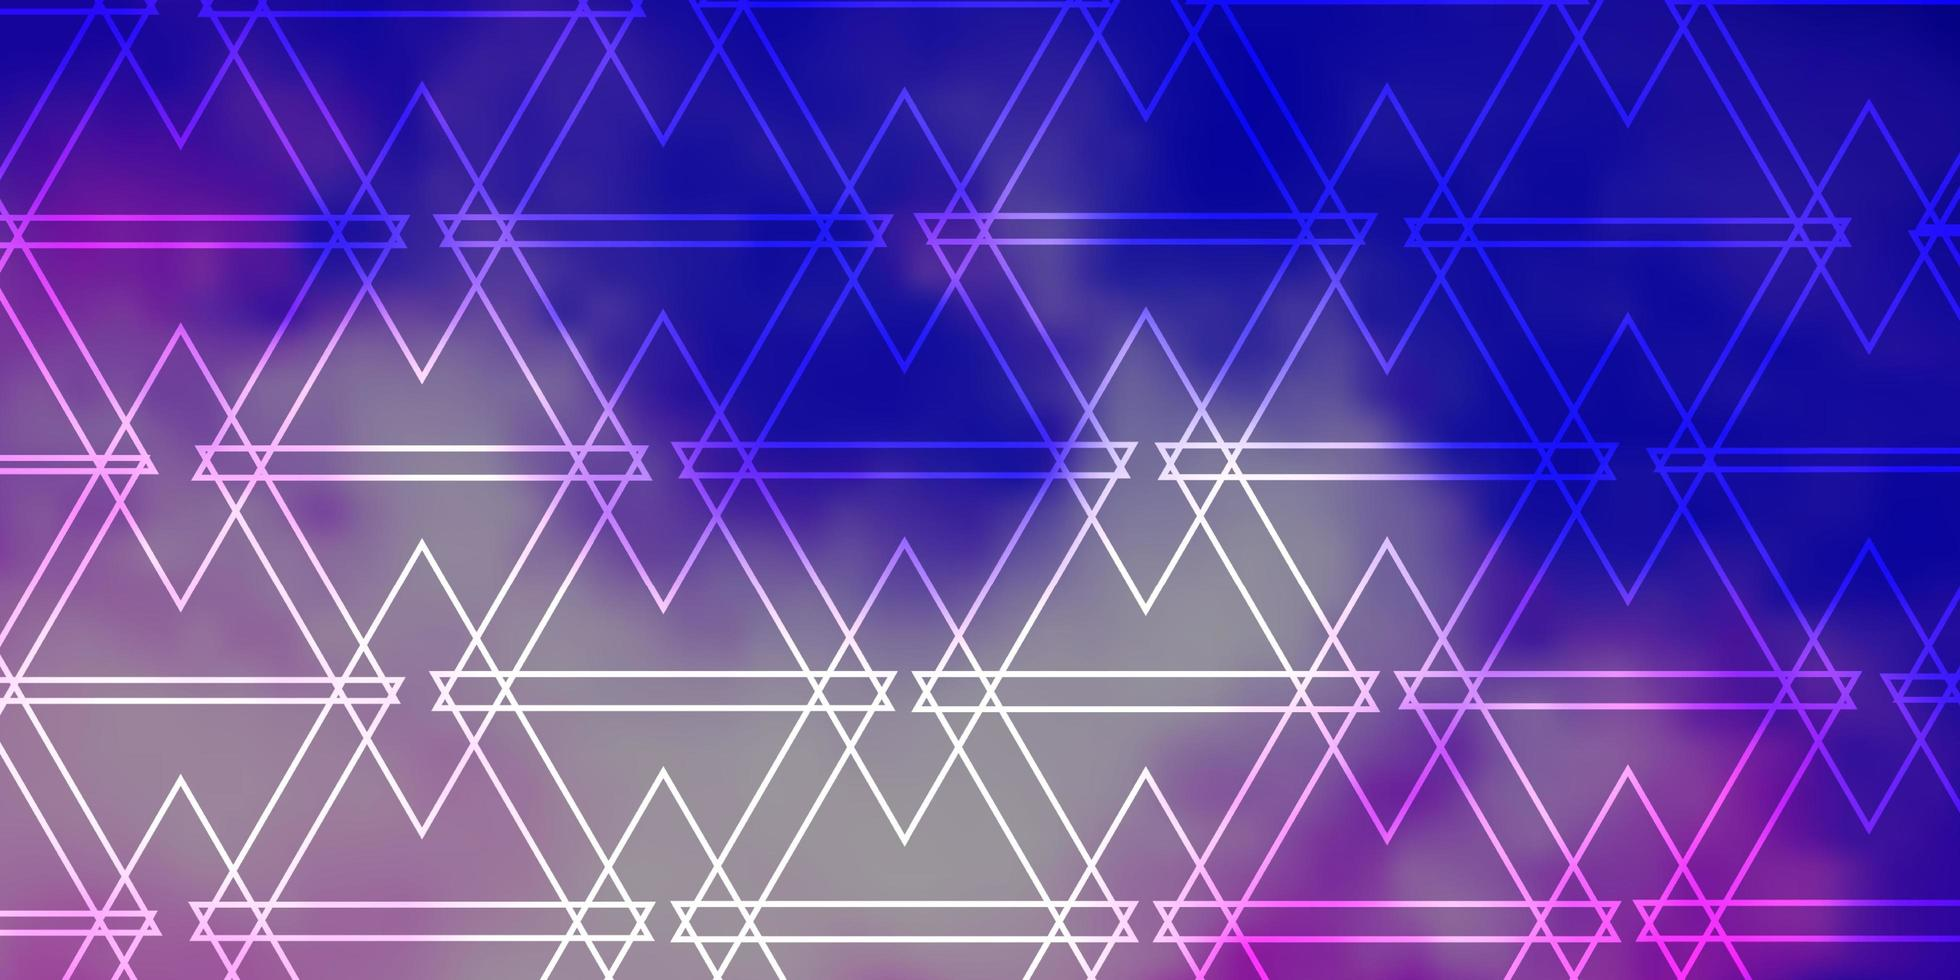 lichtpaarse vector achtergrond met driehoeken.